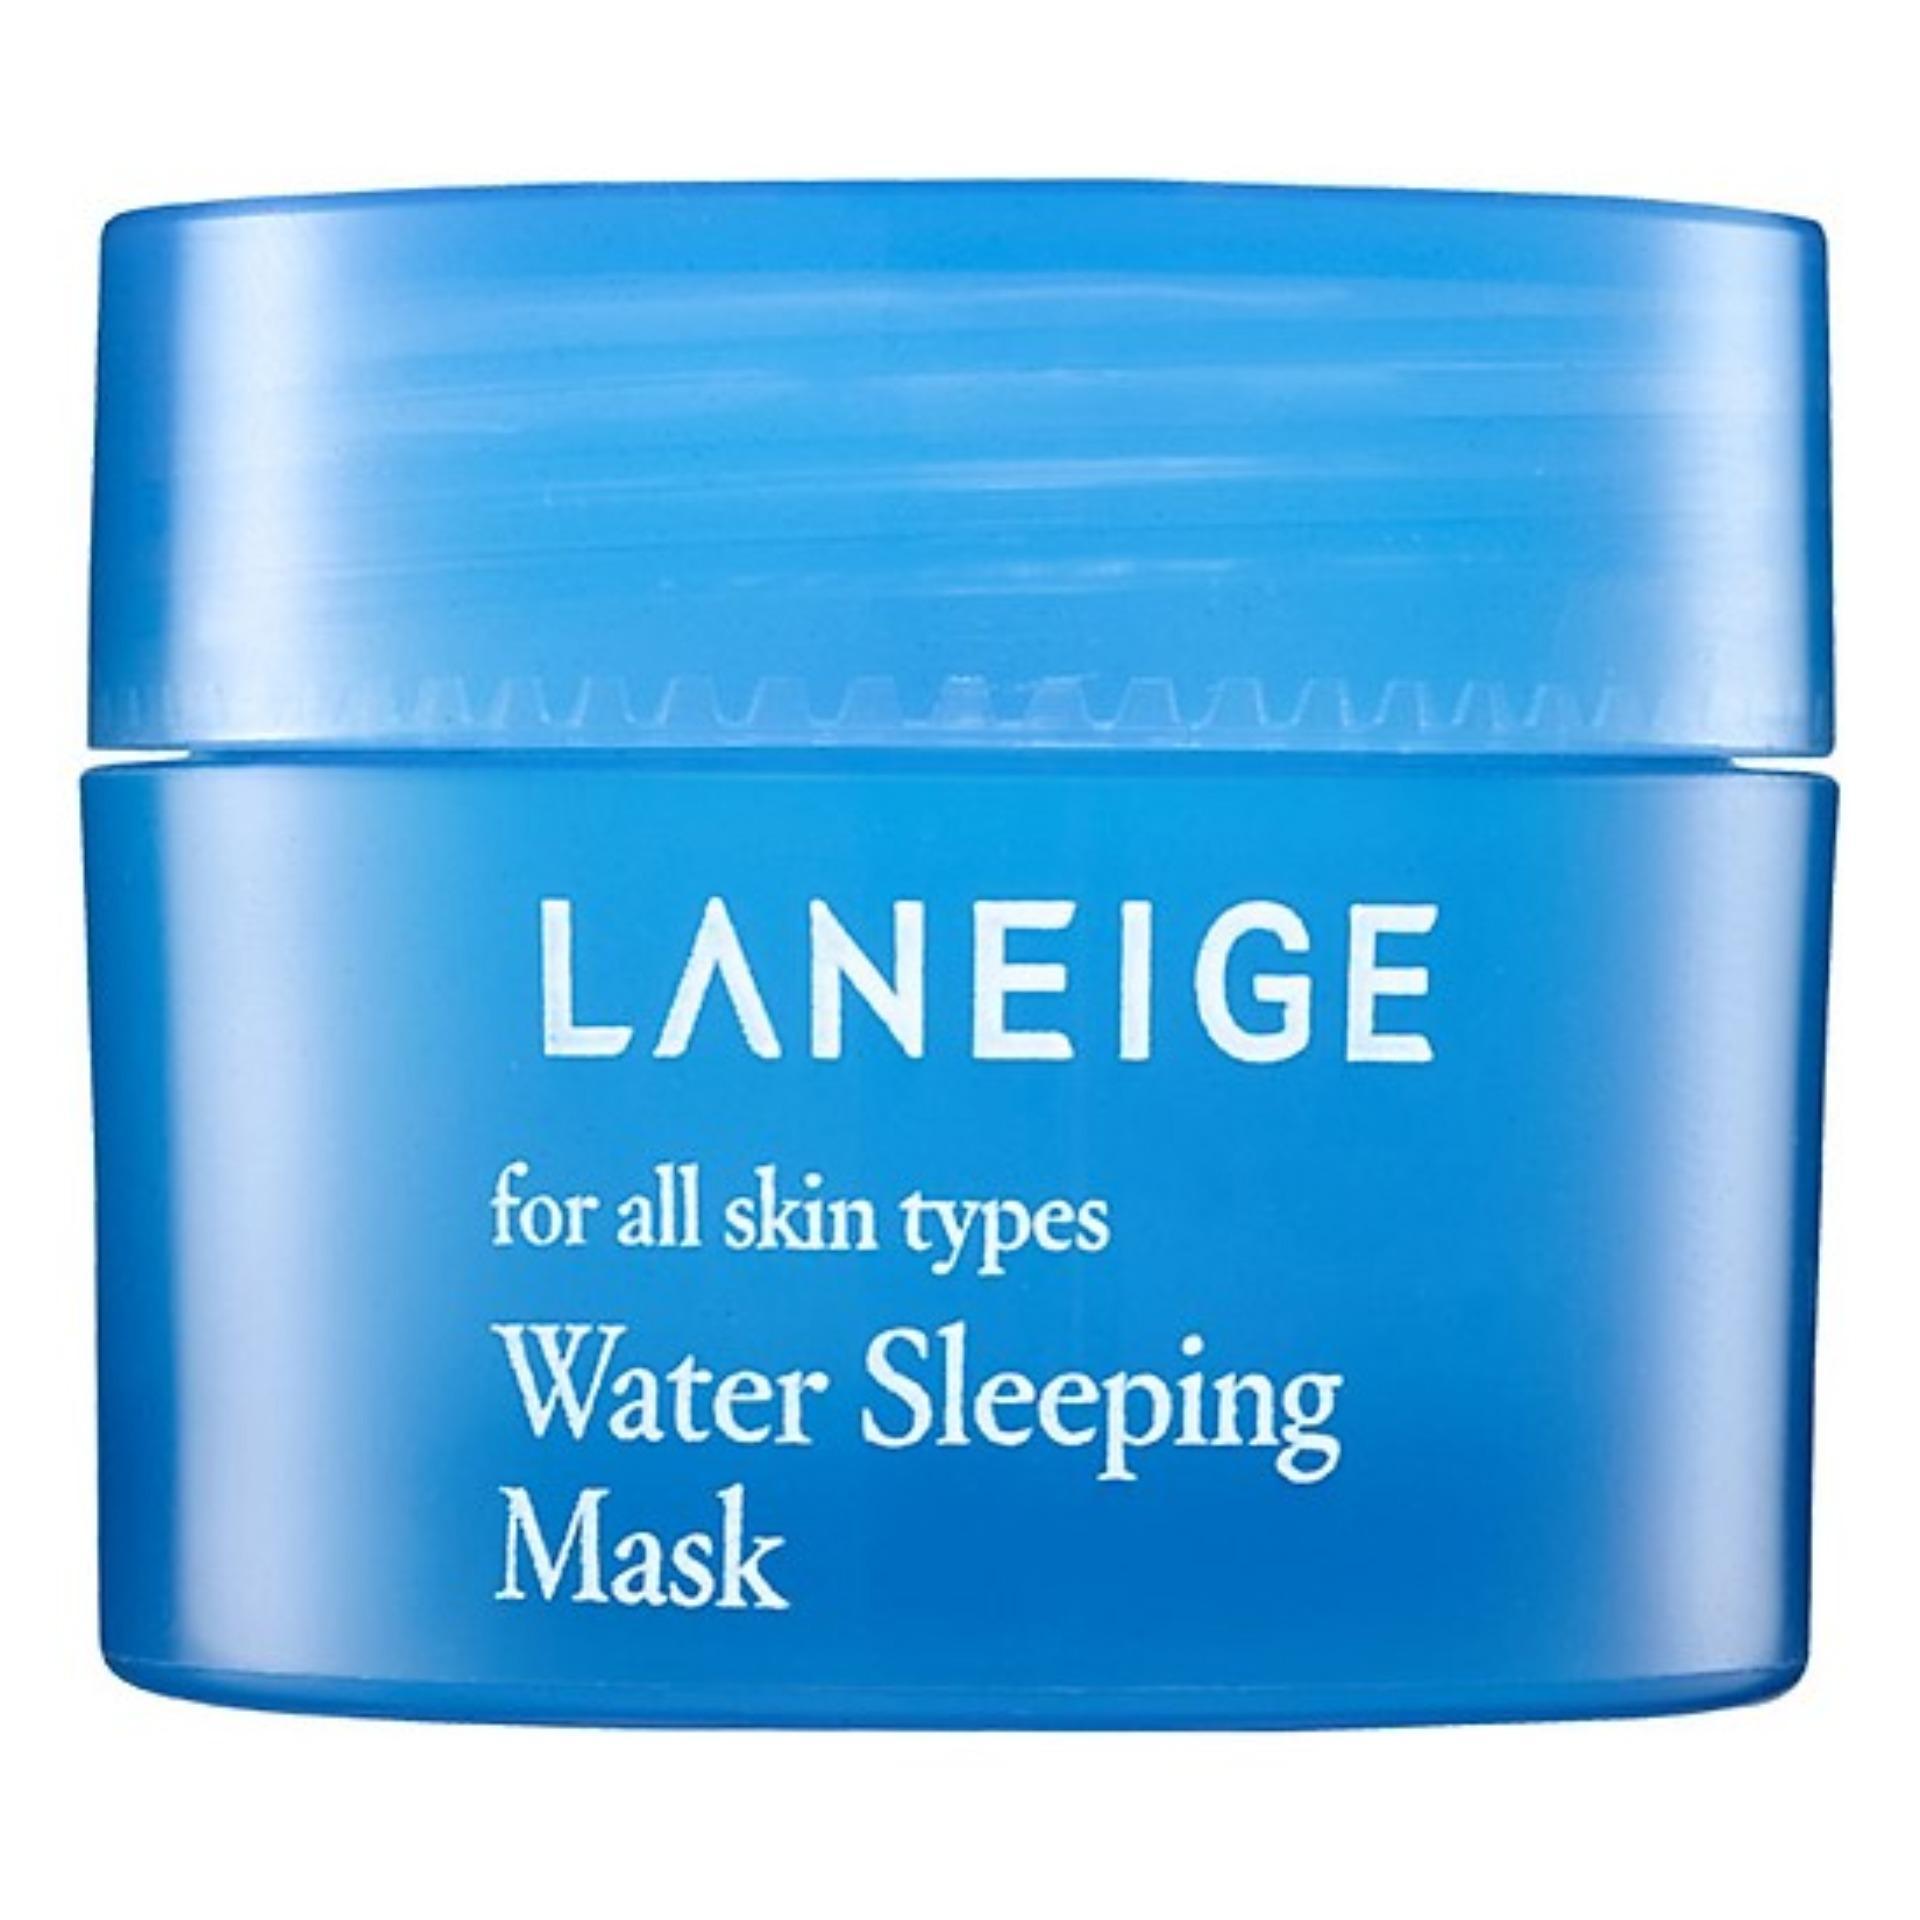 Mặt nạ ngủ dưỡng ẩm Laneige Water Sleeping Mask 15ml chính hãng